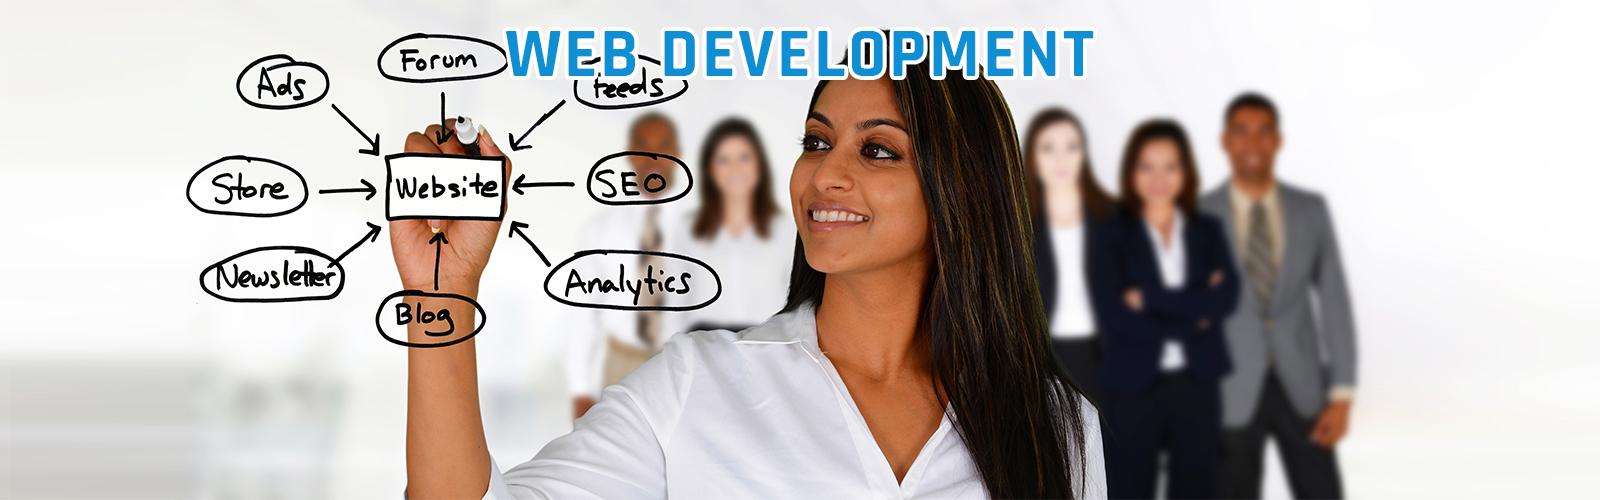 web development ogen infosystem